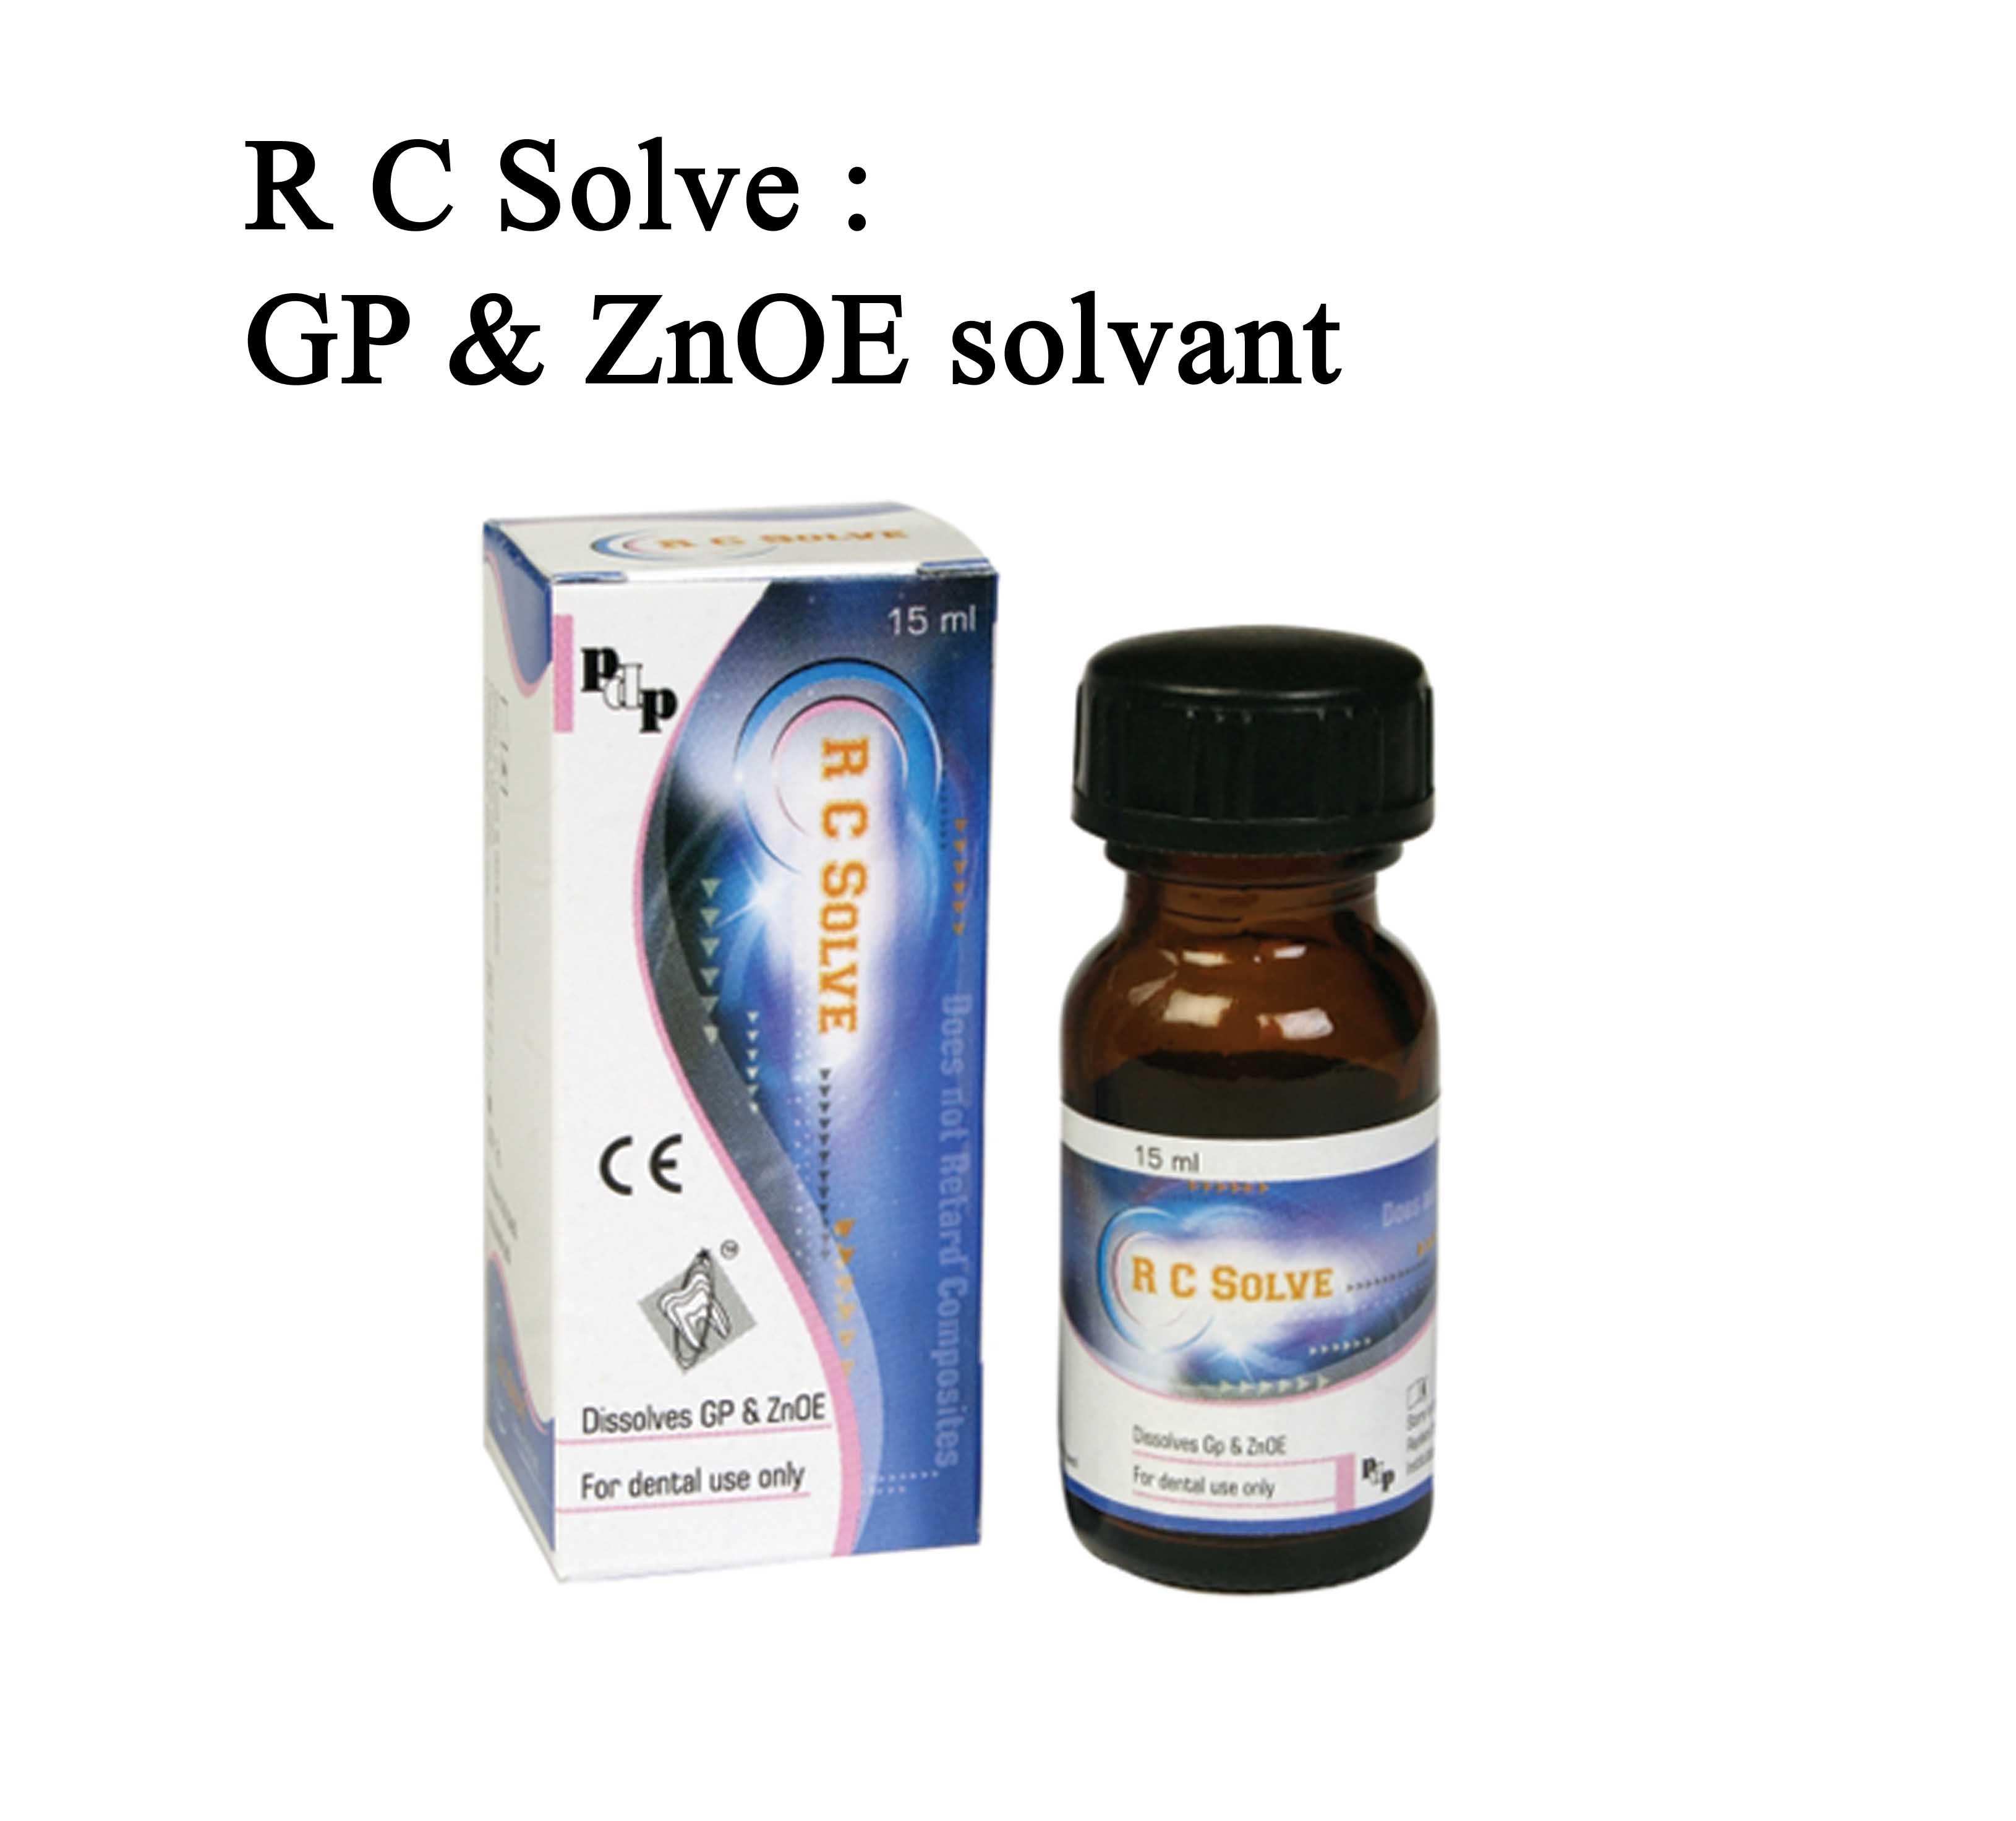 R C Solve